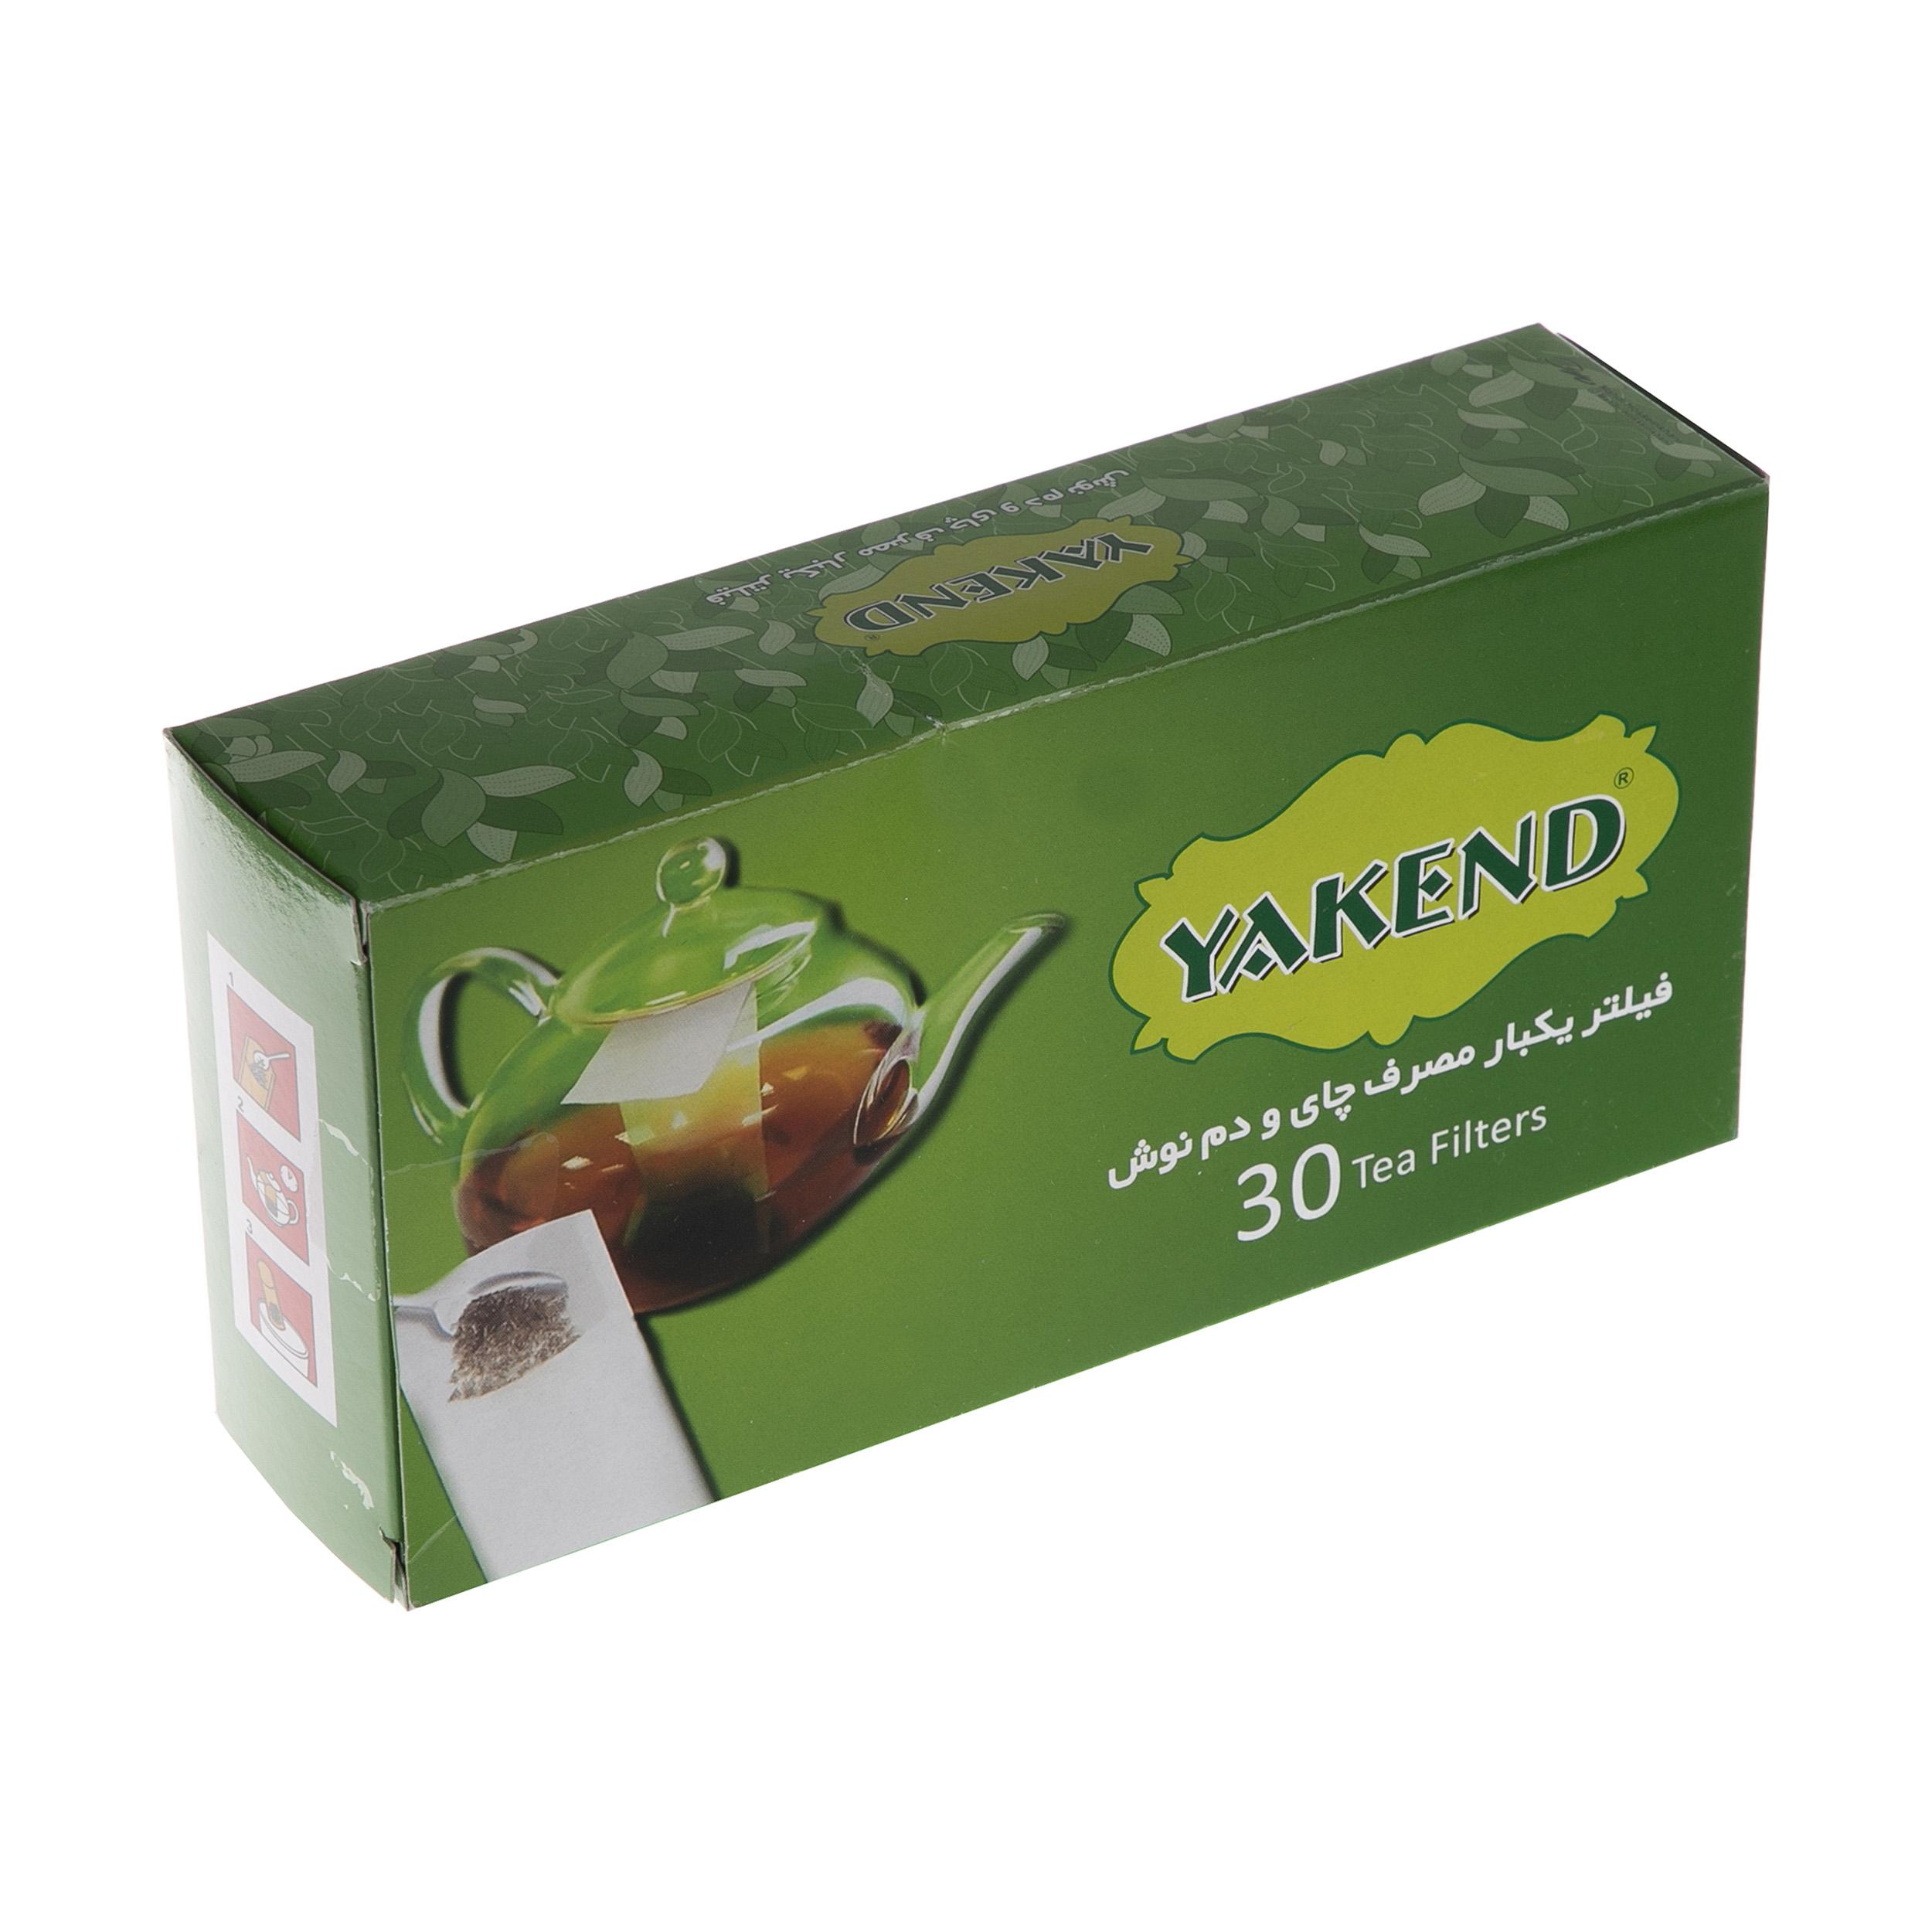 فیلتر چای یکبار مصرف یاکند کد 100032 بسته 30 عددی